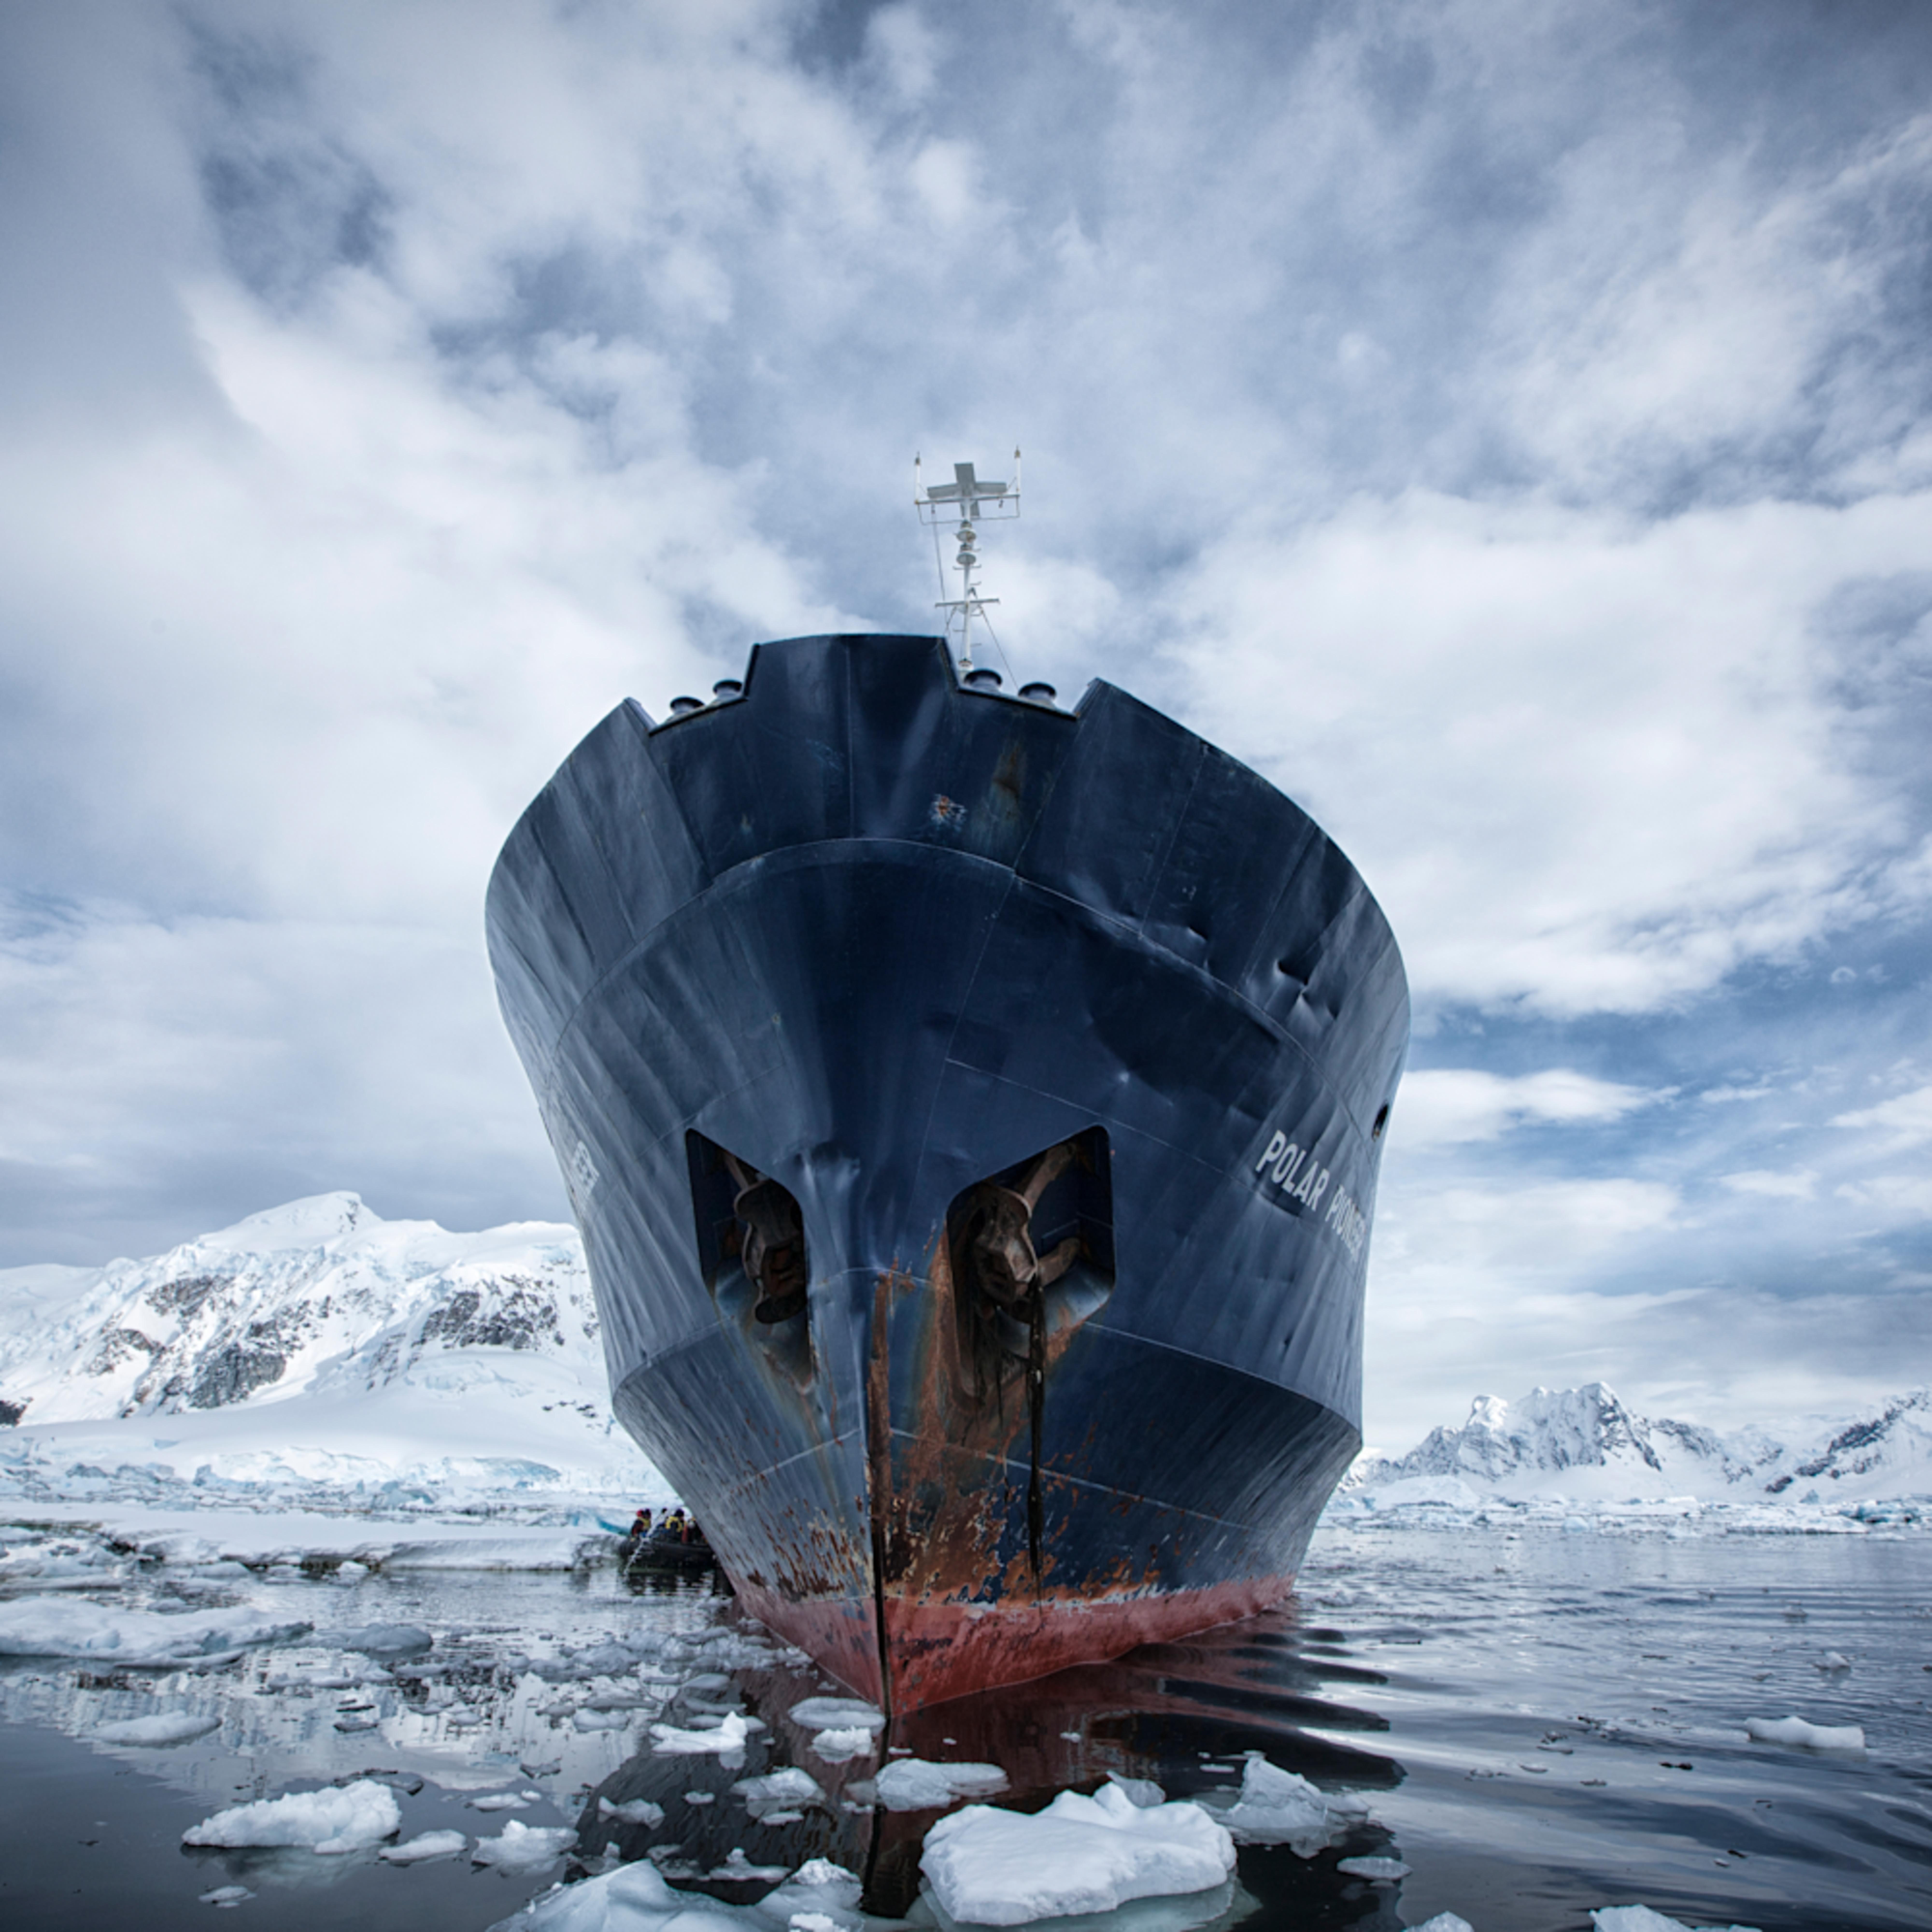 Mbp antarctica 20121123 1106 nkgkeu